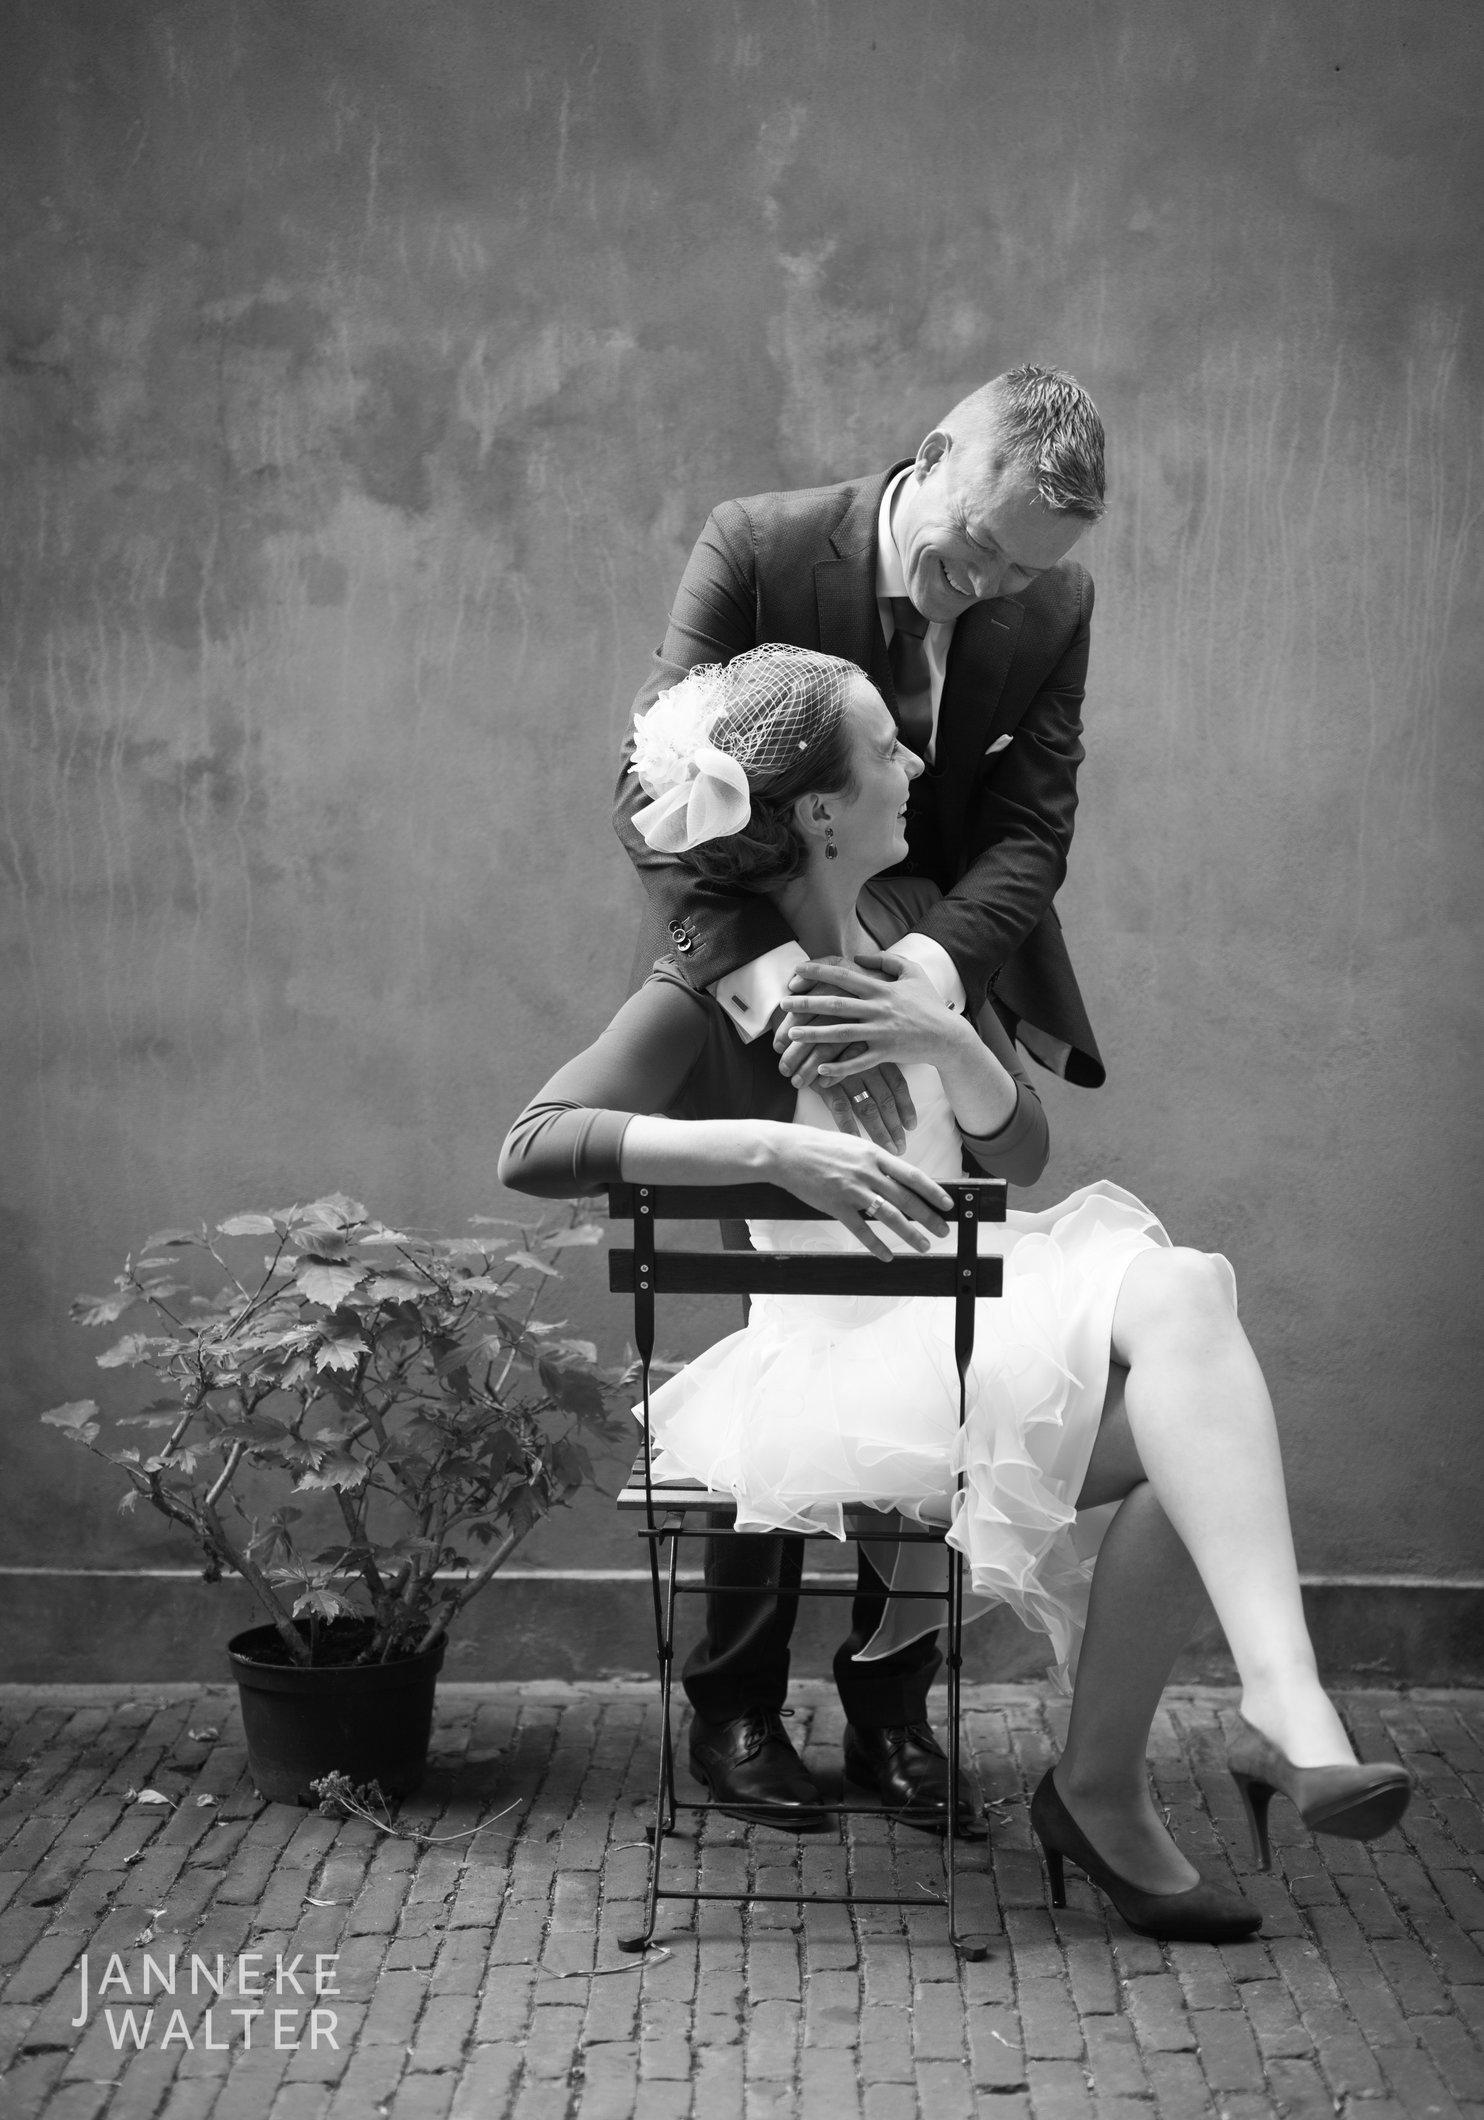 Portretfoto bruidspaar voor ruwe muur © Janneke Walter, fotograaf Utrecht De Bilt, loveshoot, bruidsfotografie, trouwfotografie